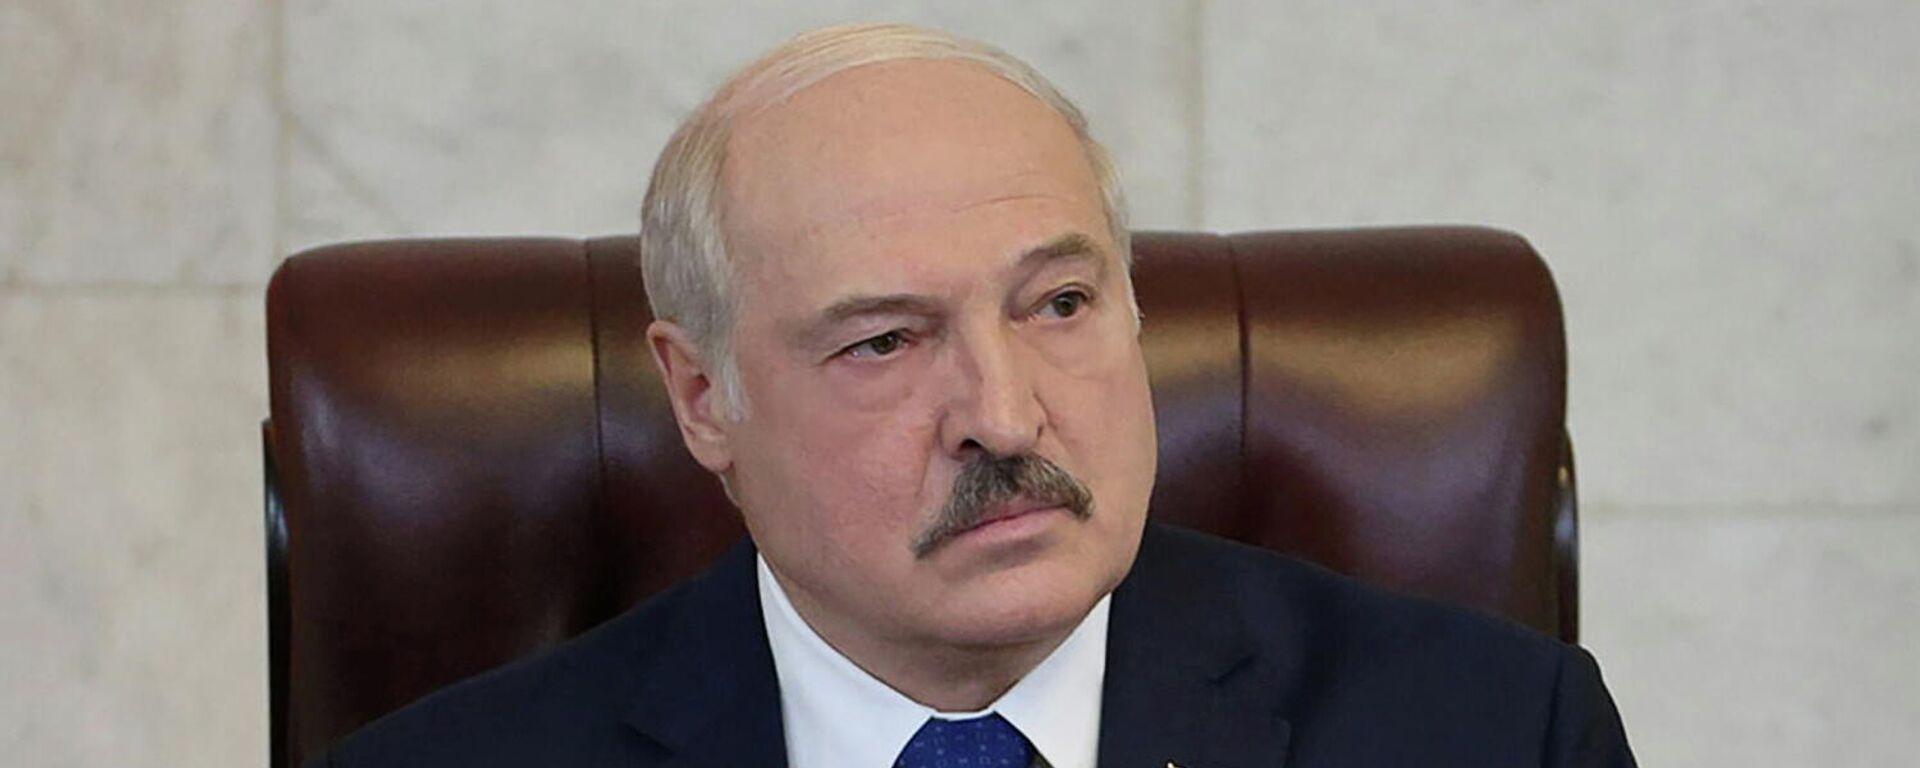 Der weißrussische Präsident Alexander Lukaschenko - SNA, 1920, 28.06.2021